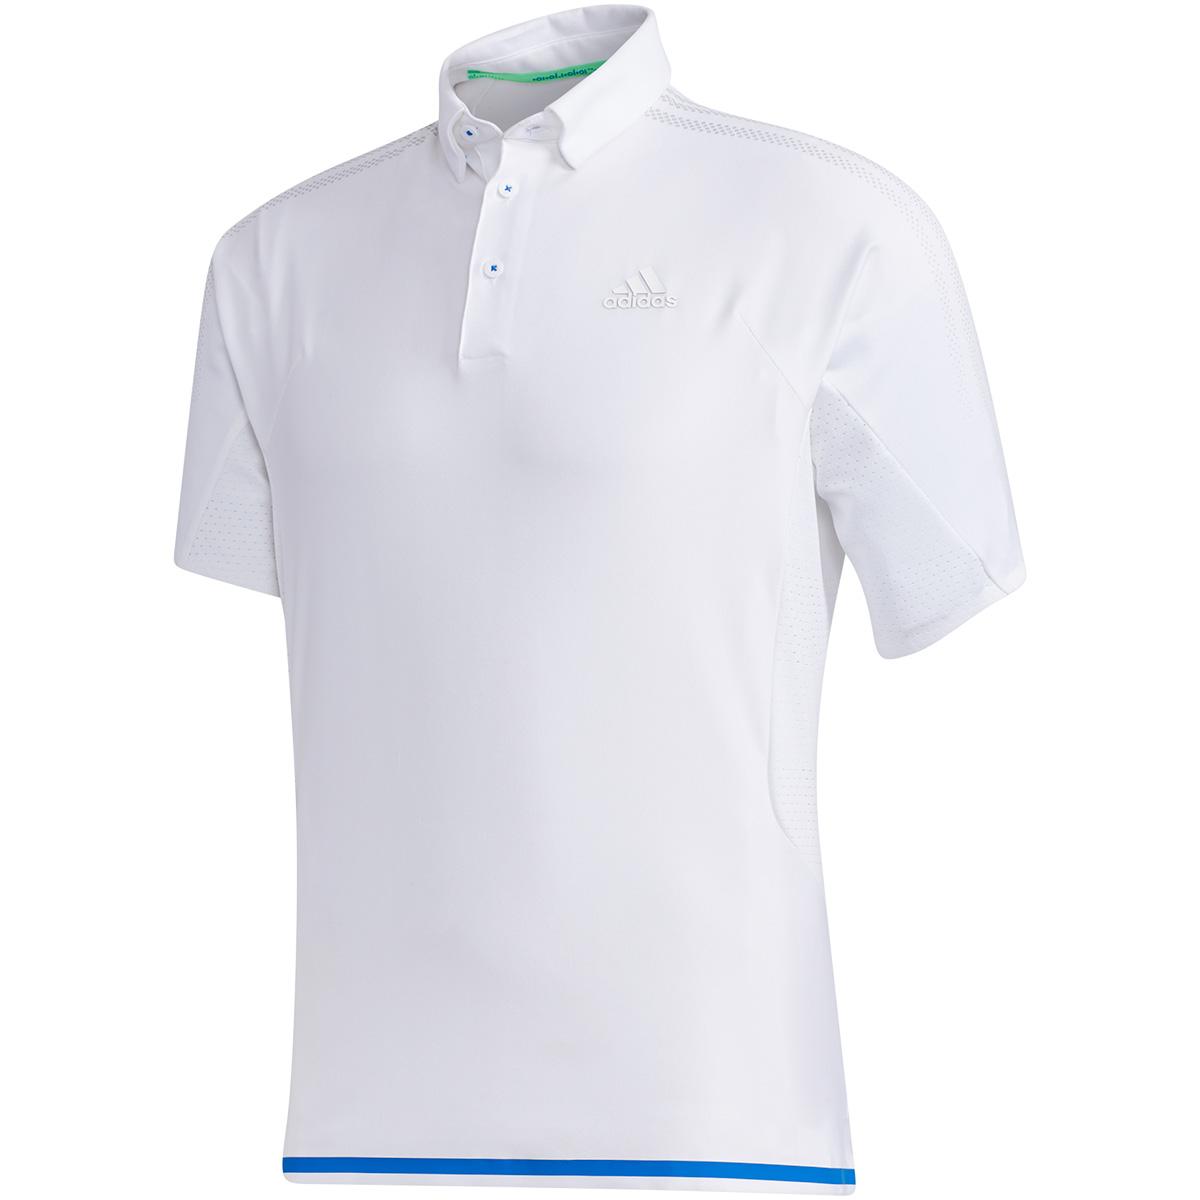 ワープニット スリーストライプス 半袖ポロシャツ